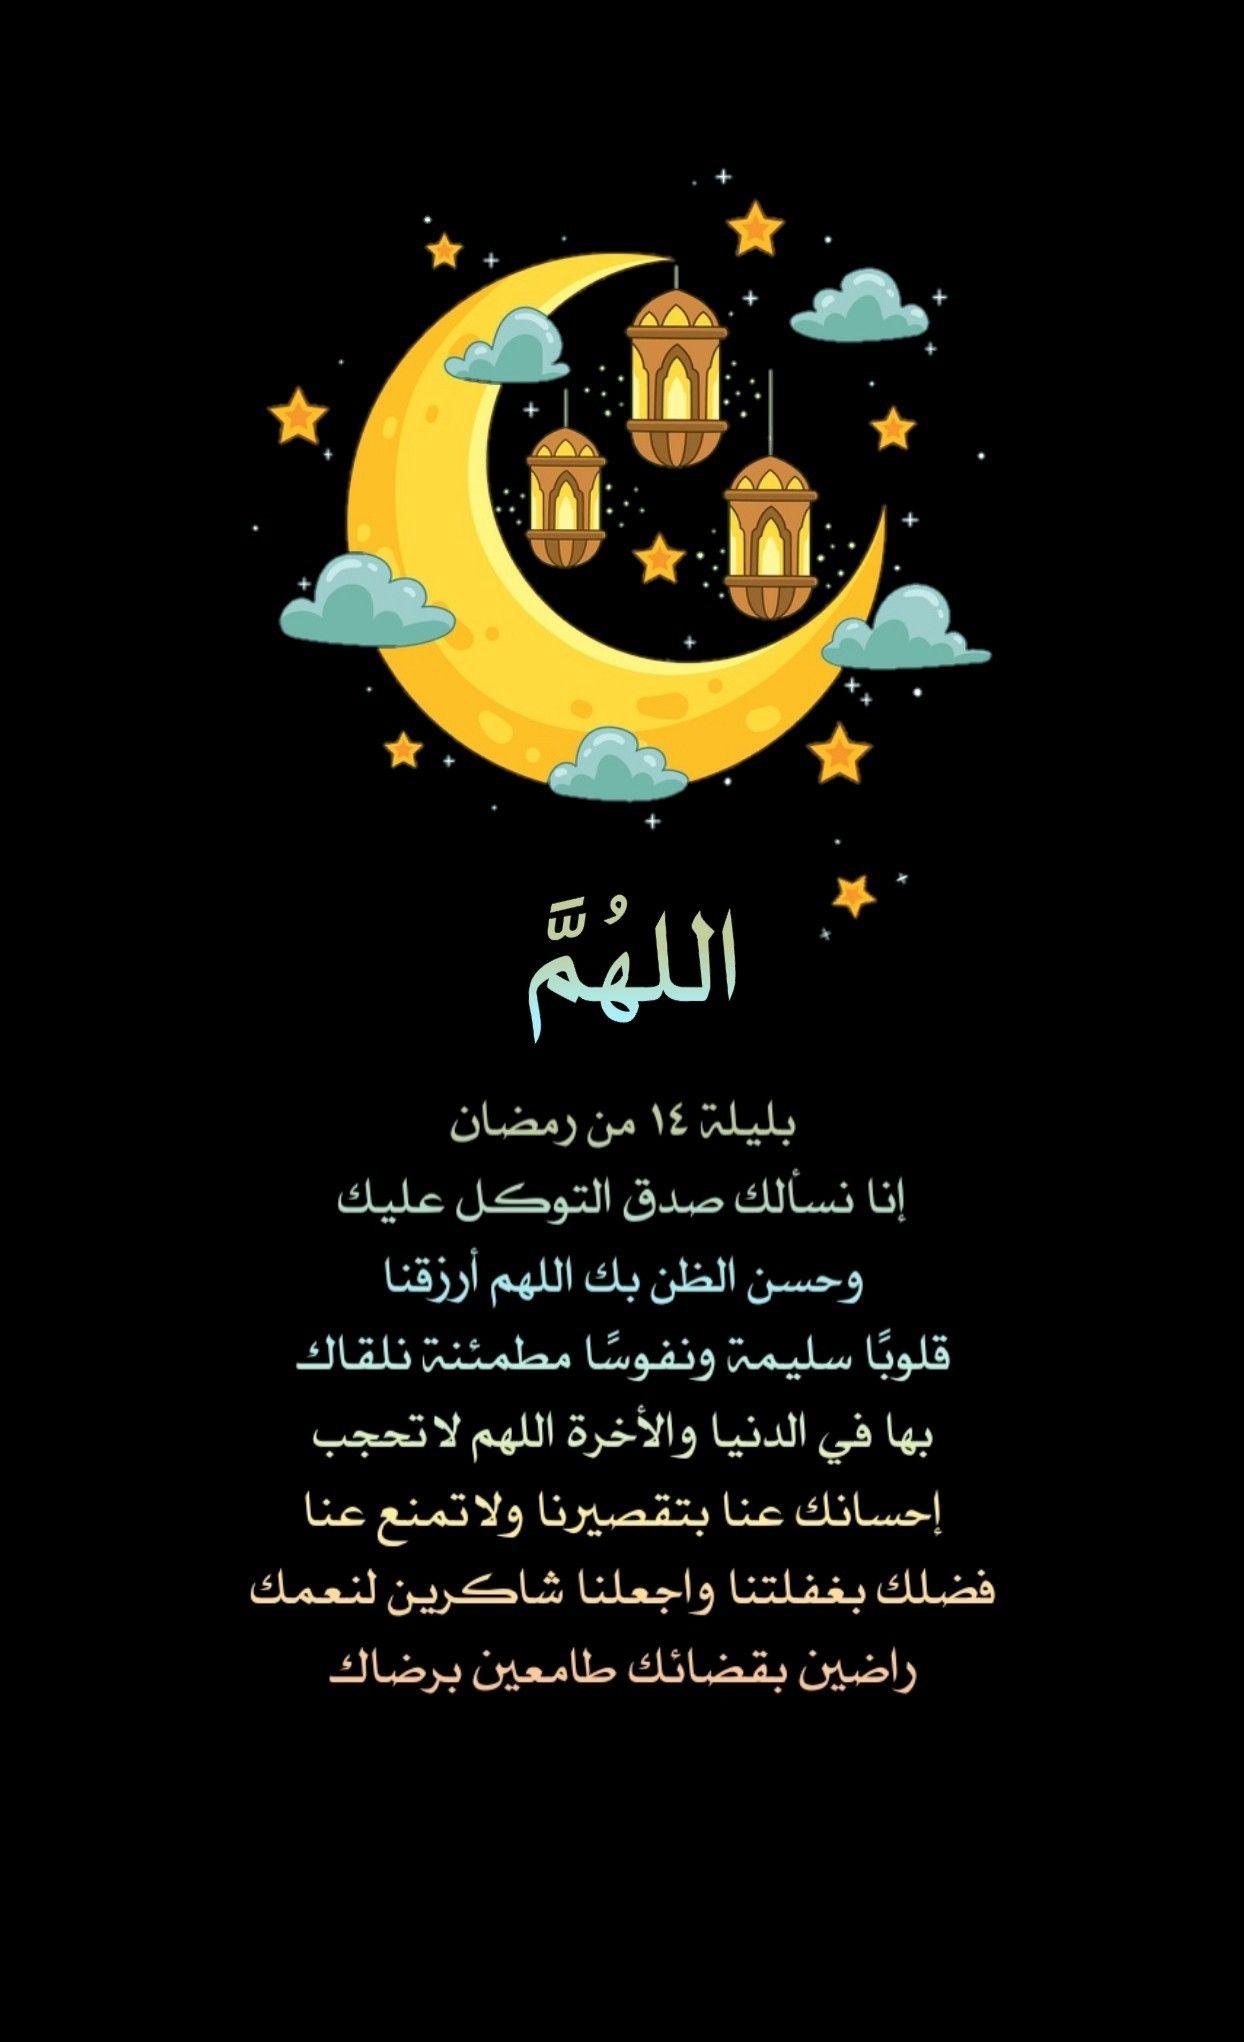 الله م بليلة ١٤ من رمضان إنا نسألك صدق التوكل عليك وحسن الظن بك اللهم أرزقنا قلوب ا سليمة ونفوس ا مط Ramadan Day Ramadan Greetings Sunday Morning Quotes